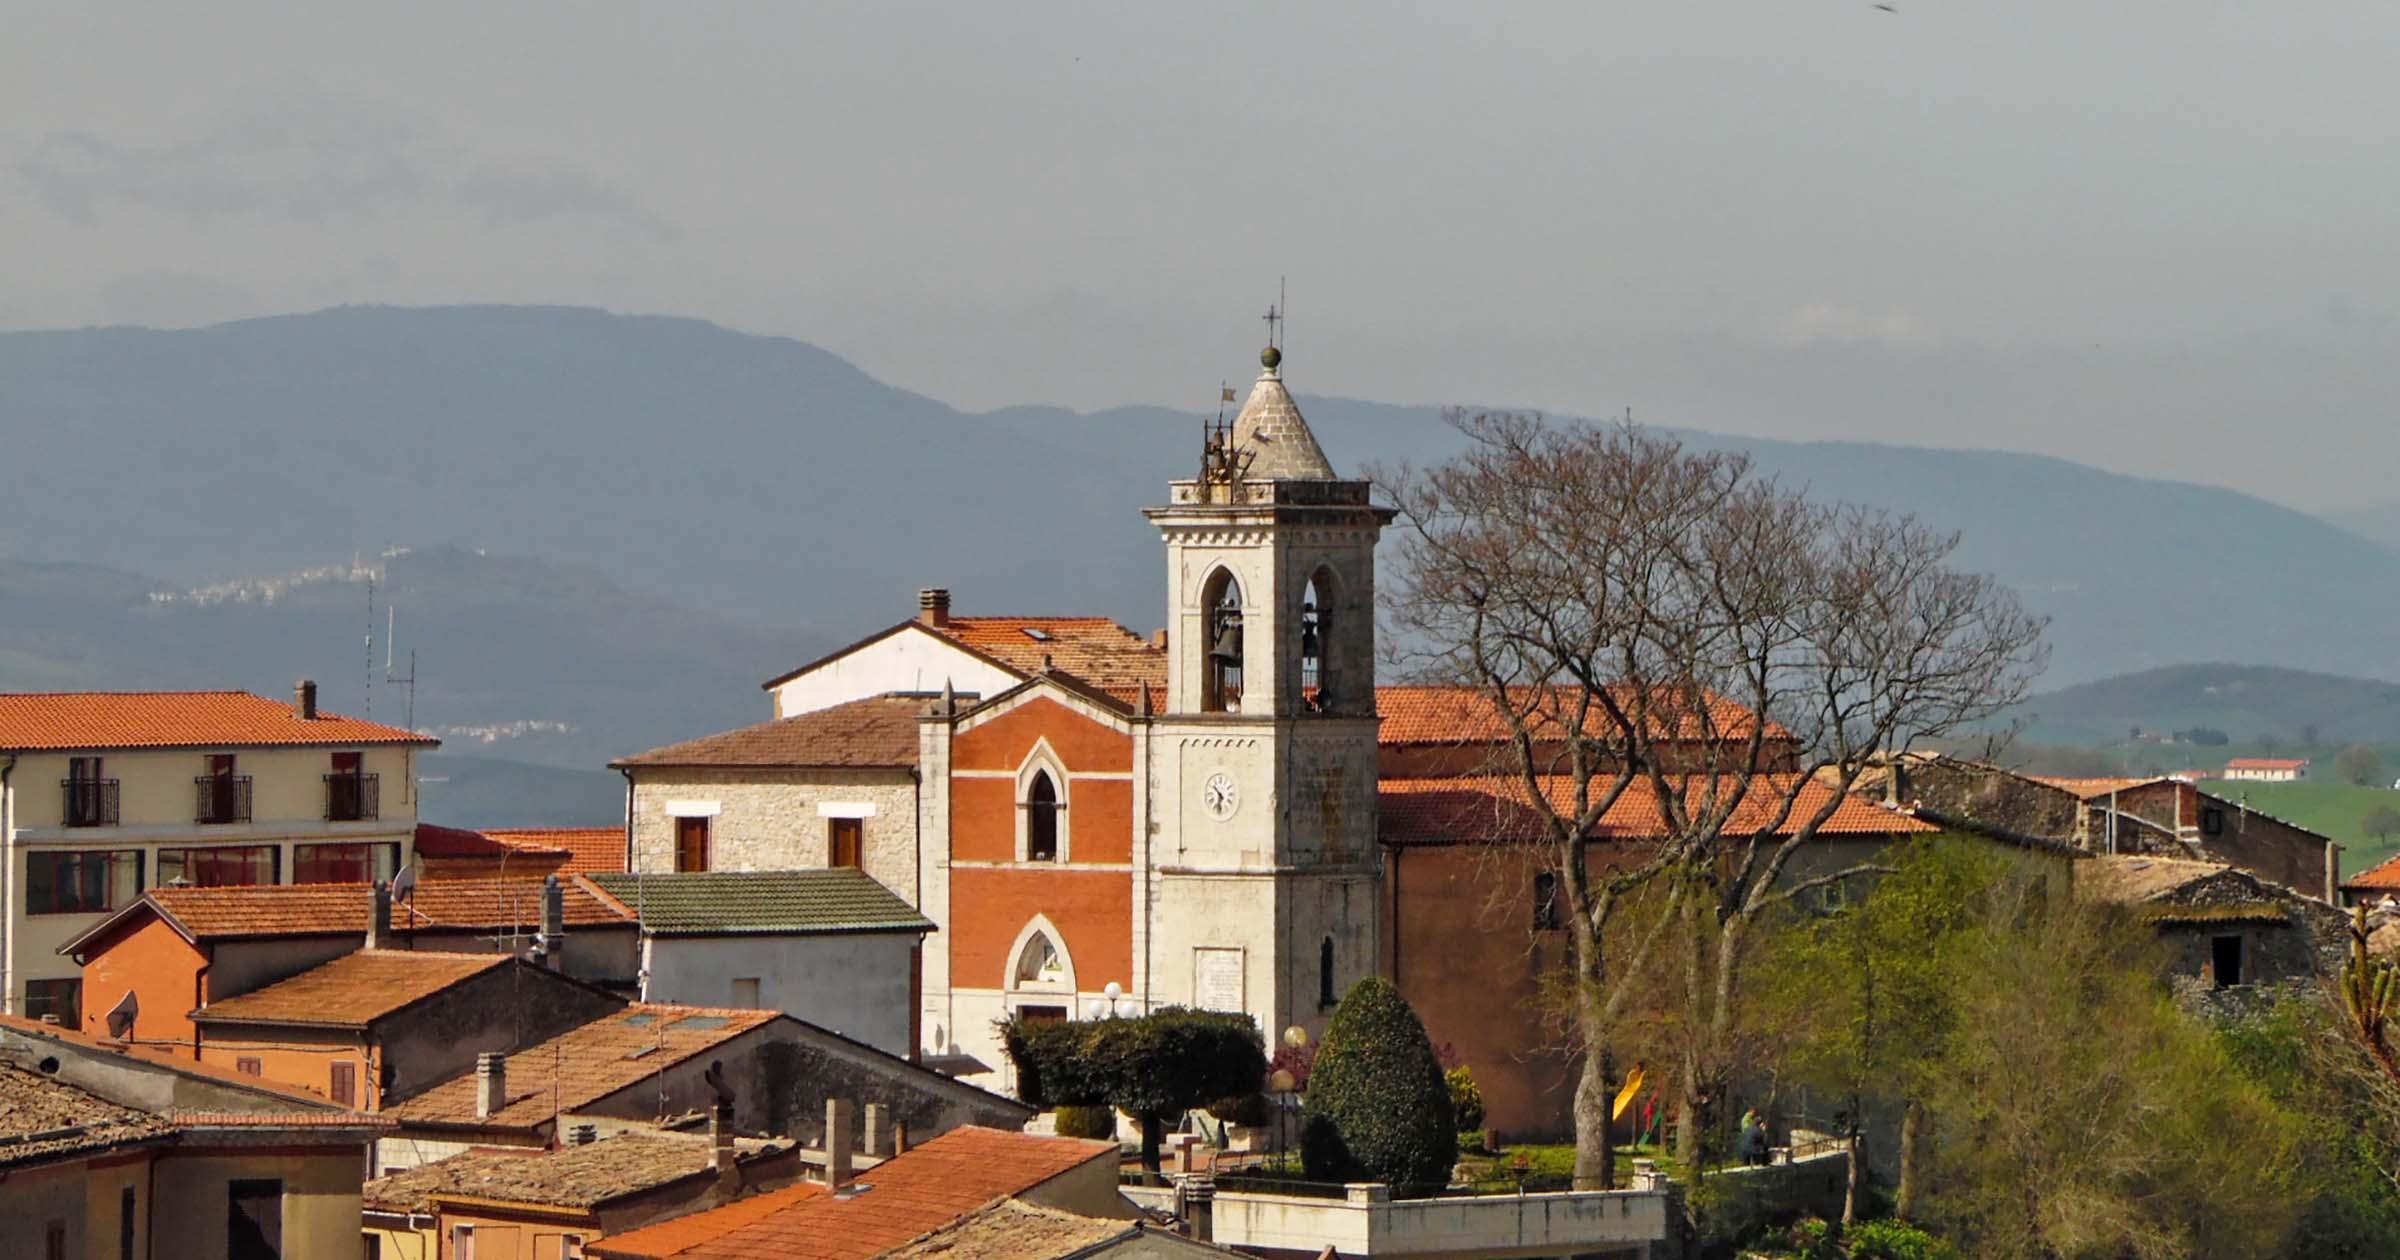 San Biase